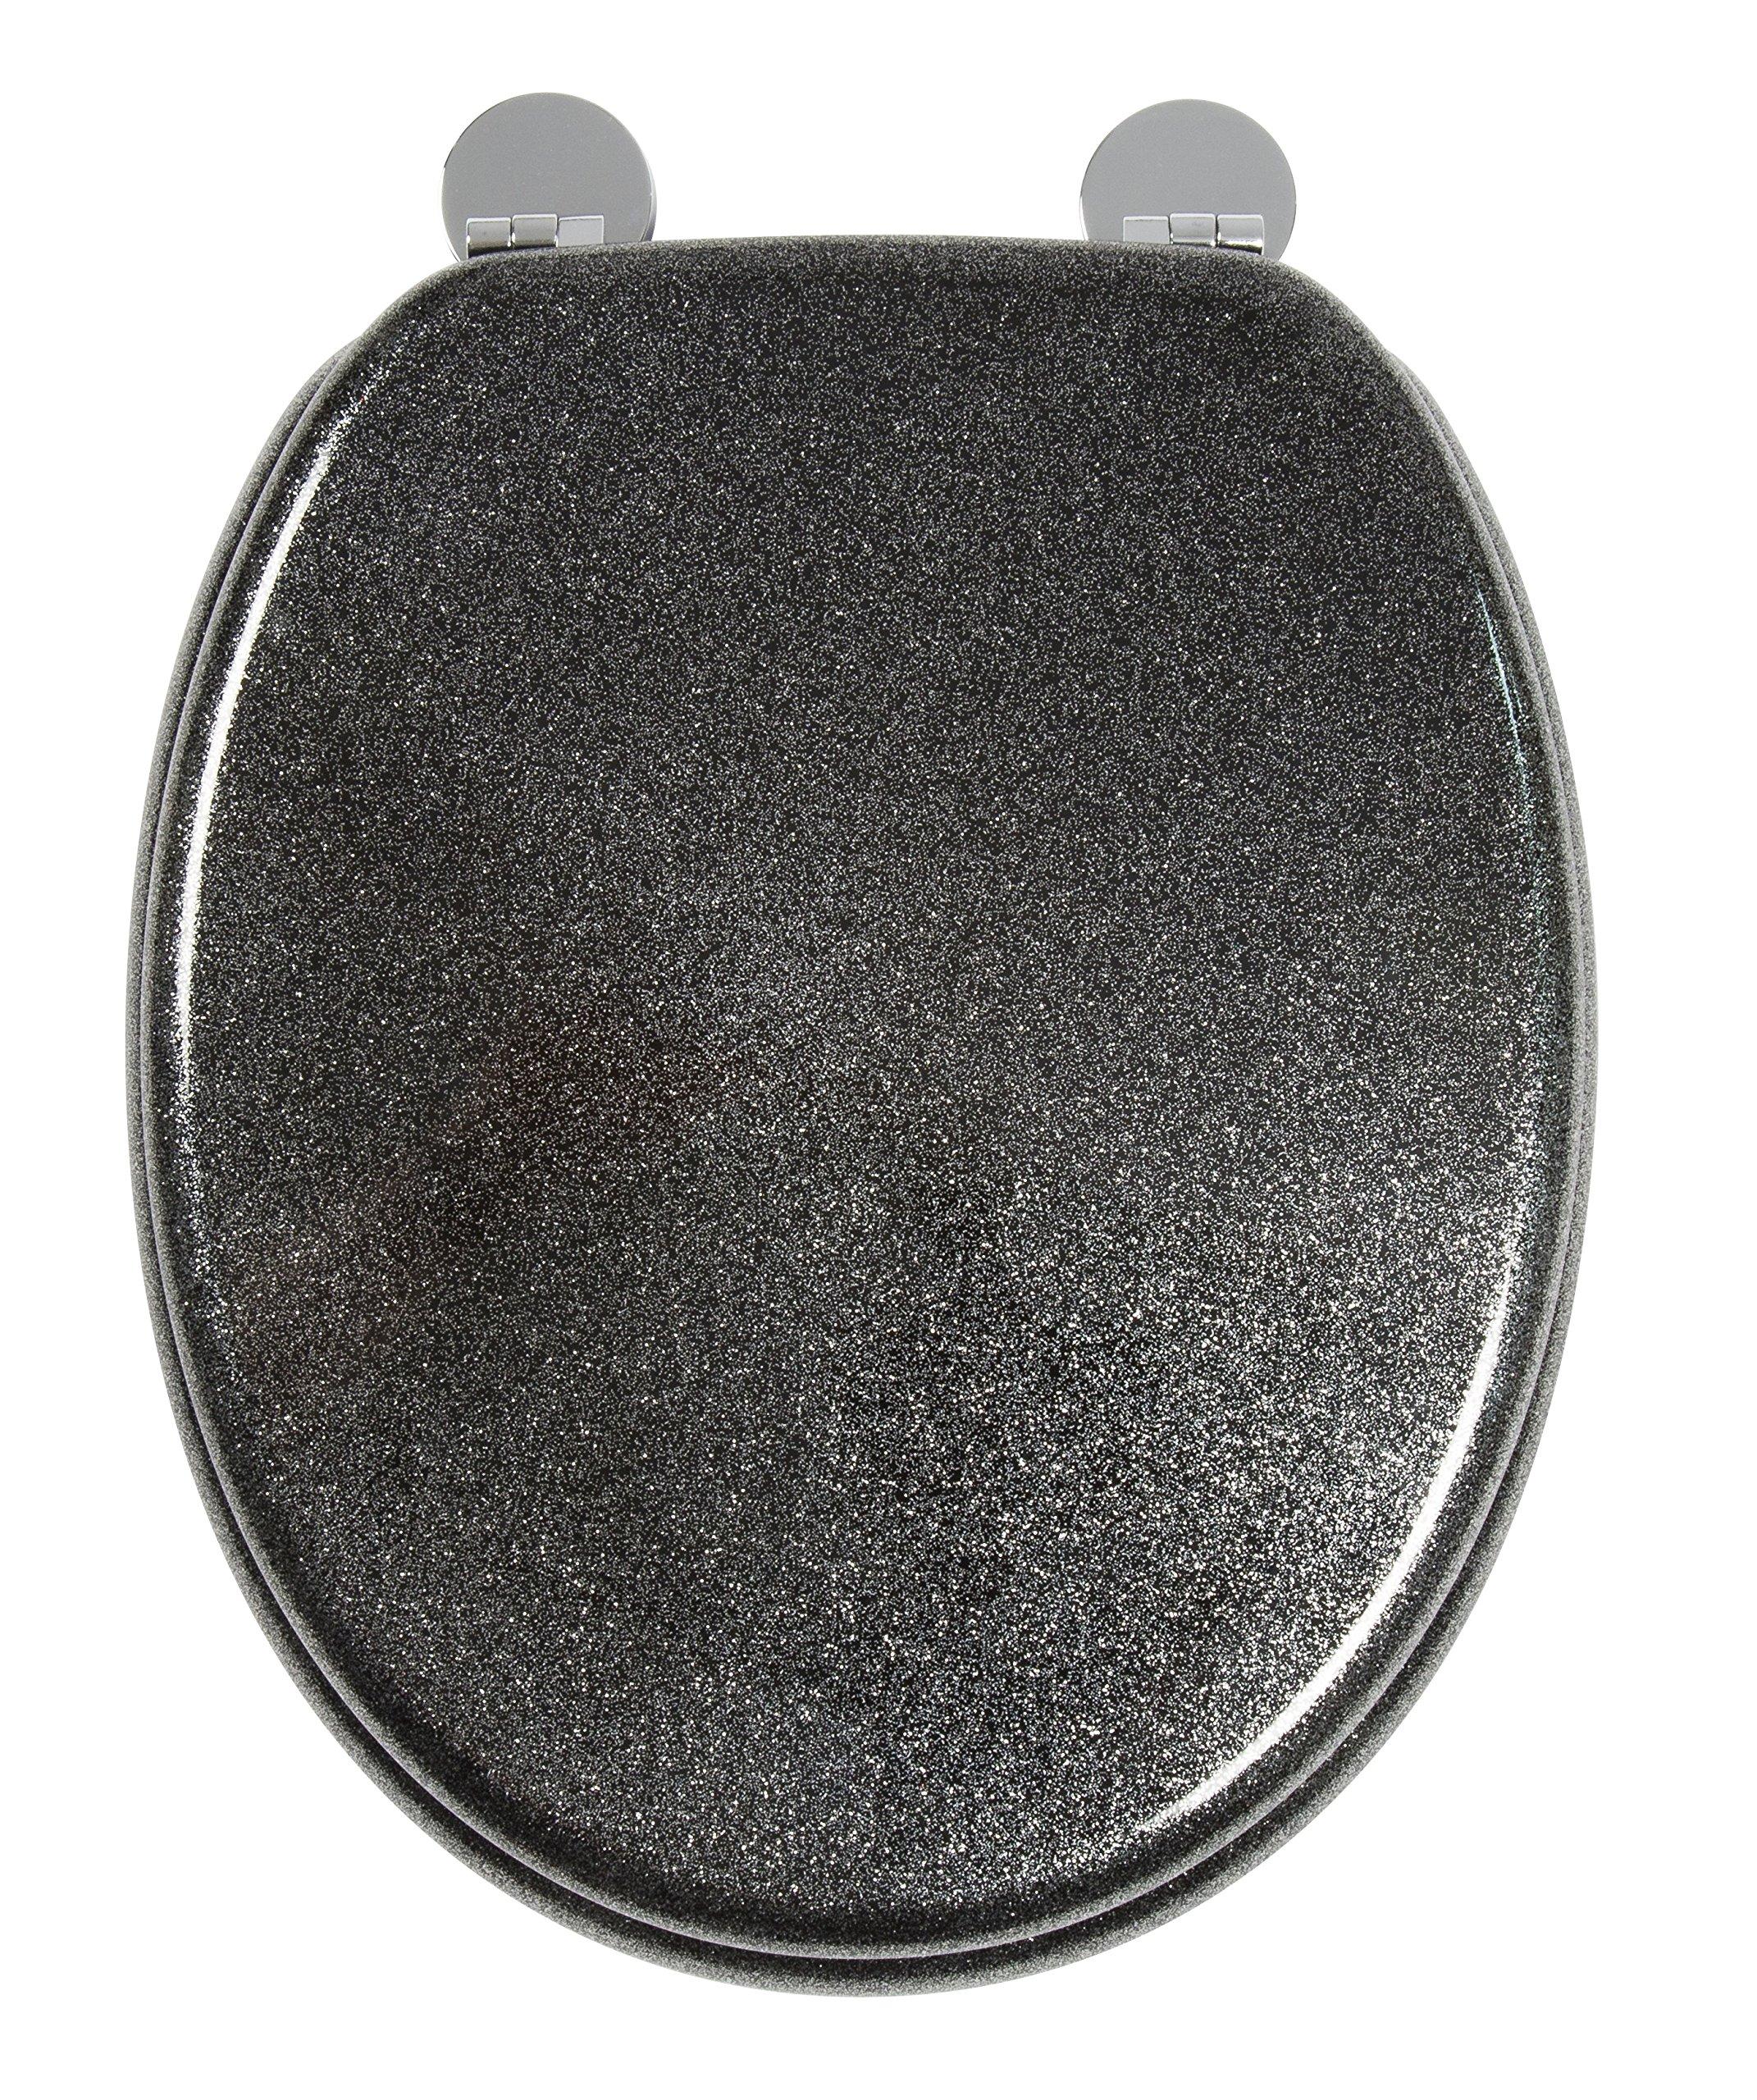 croydex paillettes noir abattant de wc bois noir 44 5 x 38 x 6 cm inspid co. Black Bedroom Furniture Sets. Home Design Ideas